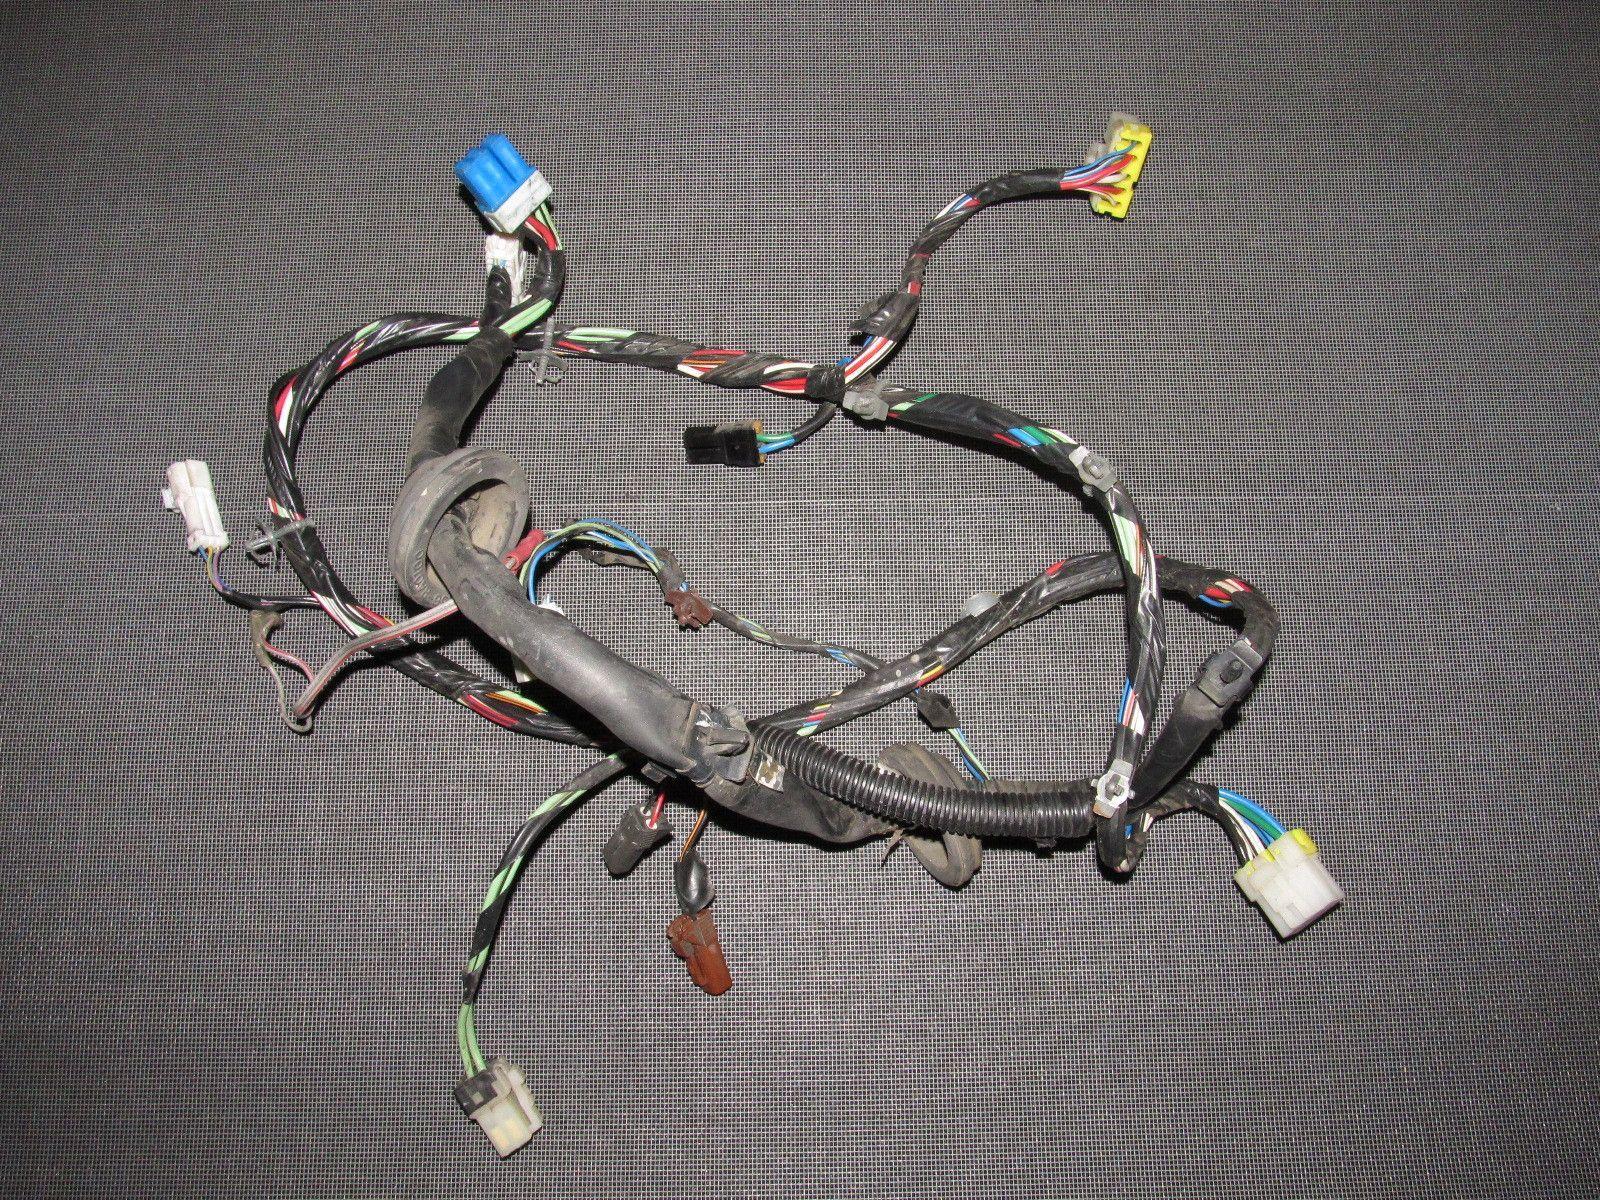 89 90 91 92 93 94 nissan 240sx oem door wiring harness - left